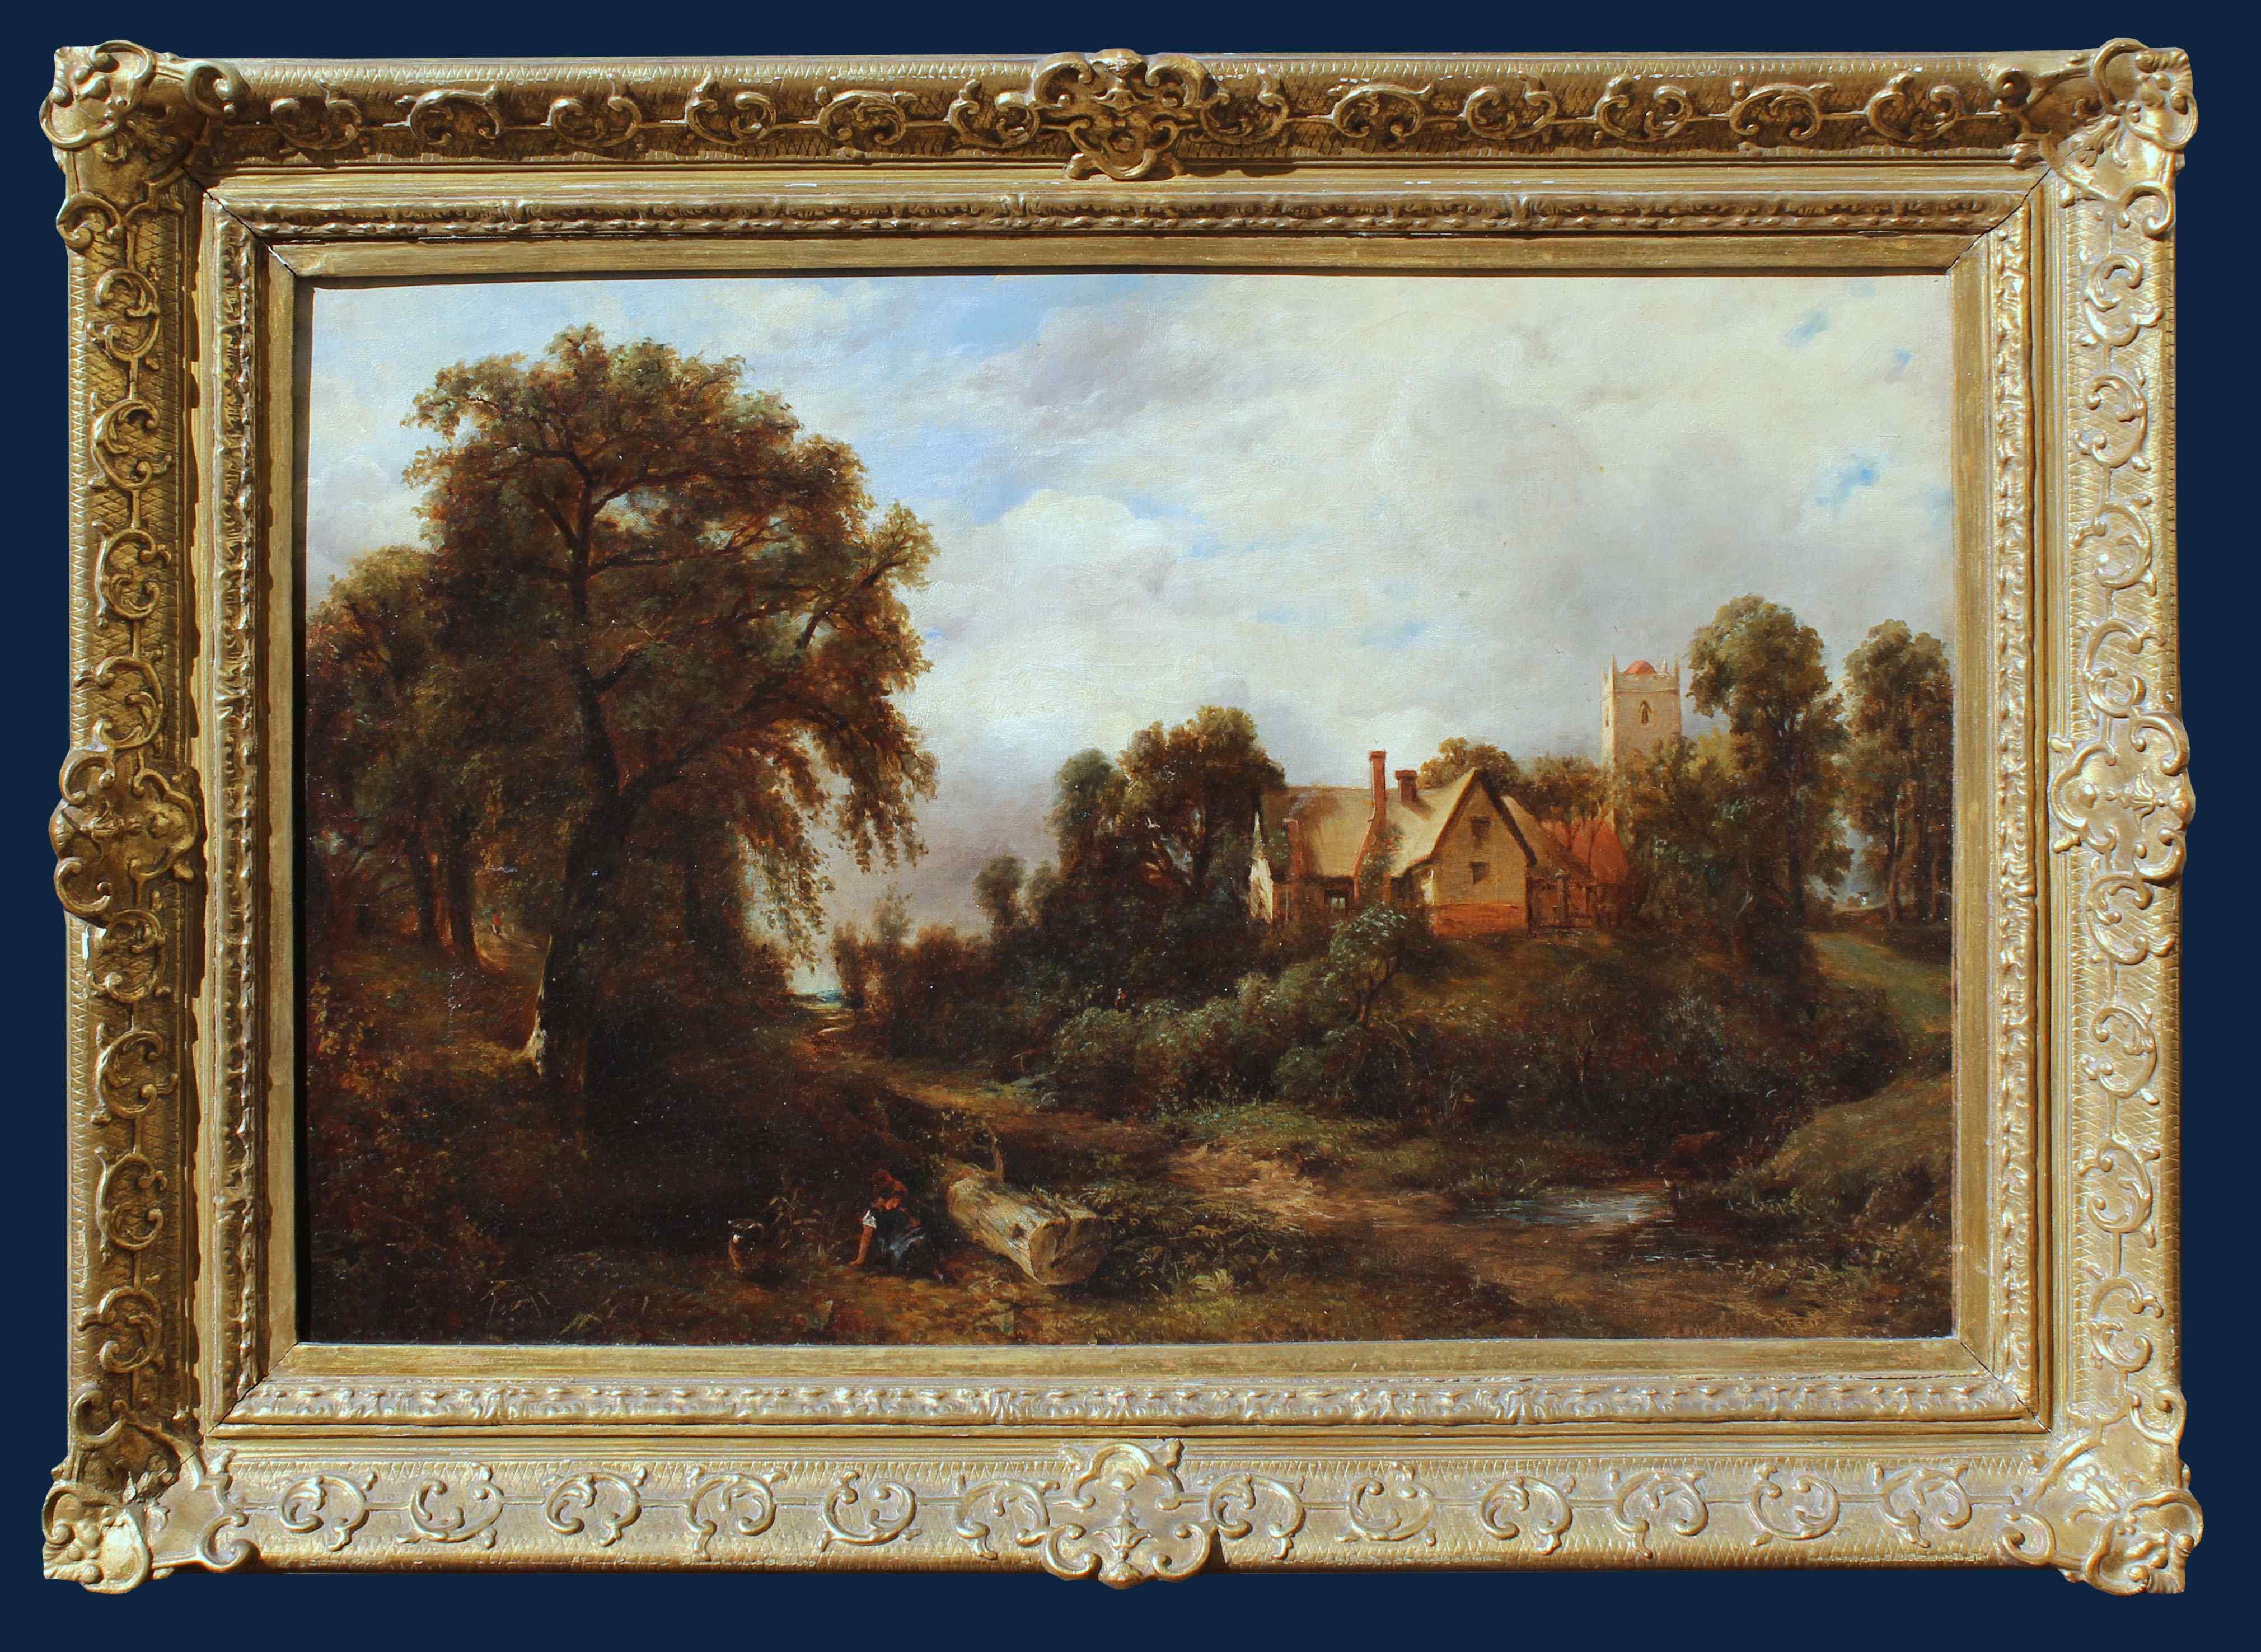 Английский школа, XIX век Пейзаж